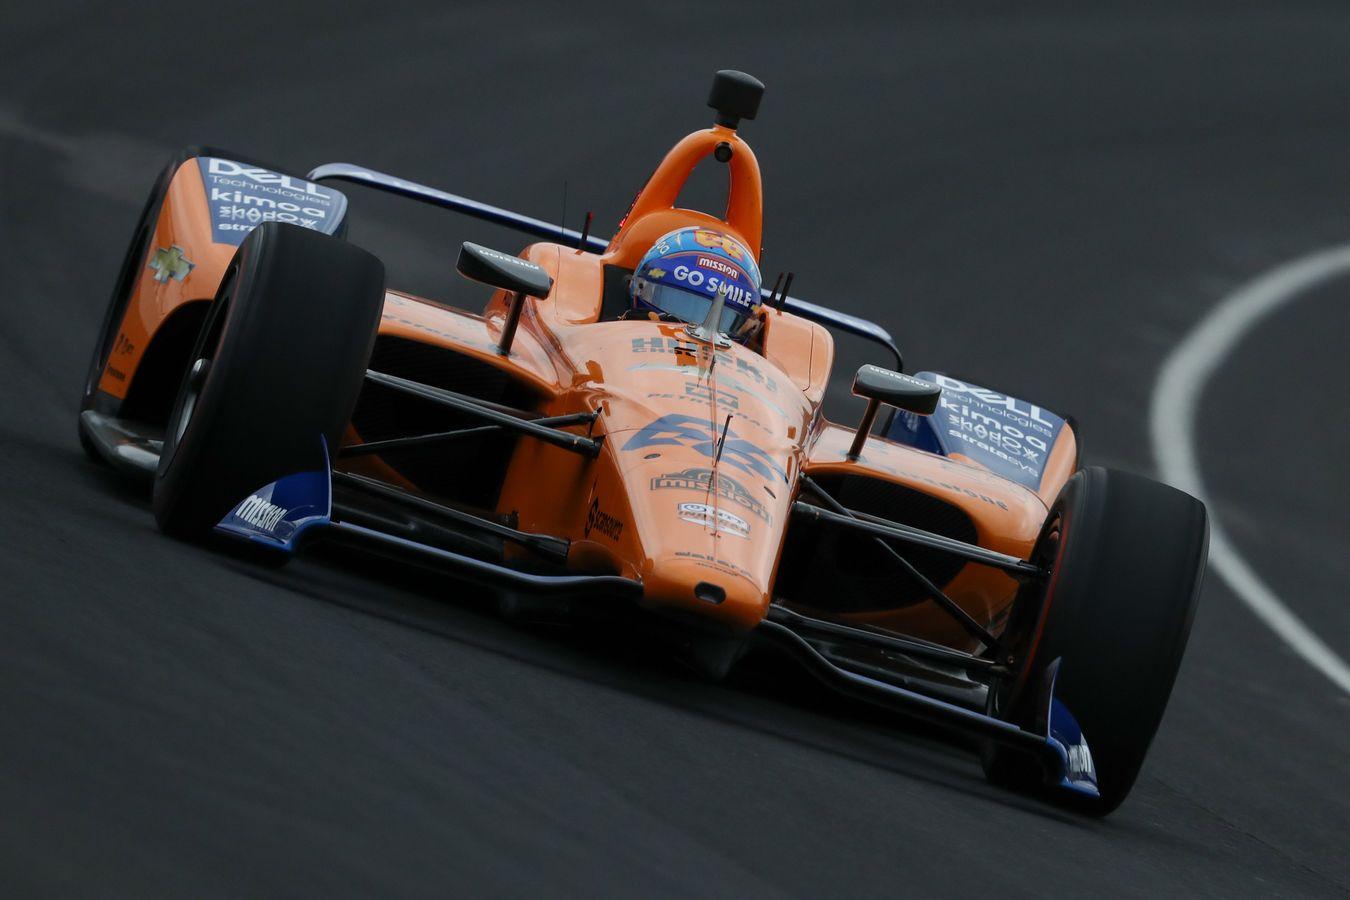 39c9a297b2c McLaren Formula 1 – Official Website